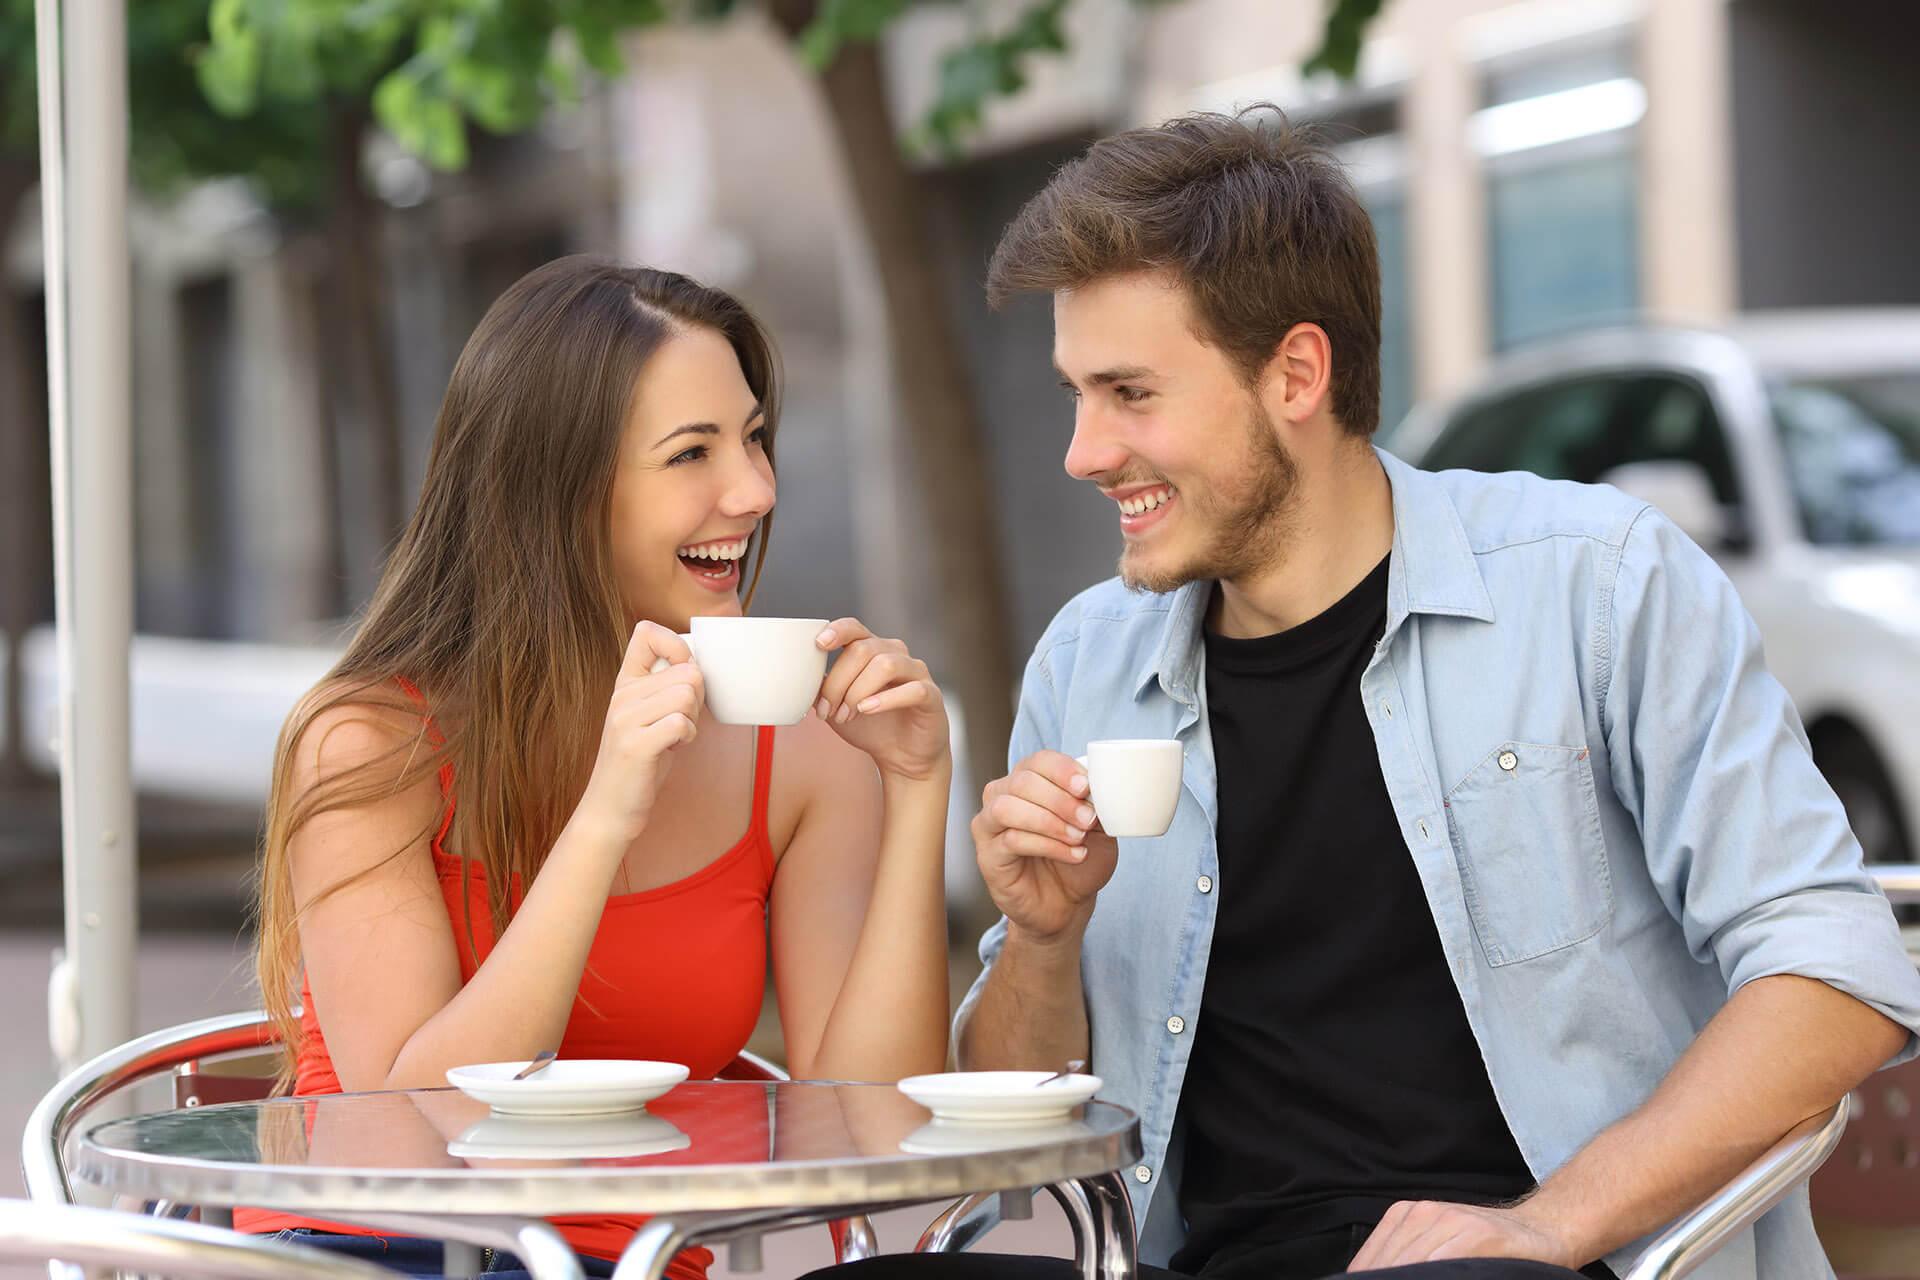 Основные мужские ошибки при знакомстве с девушками